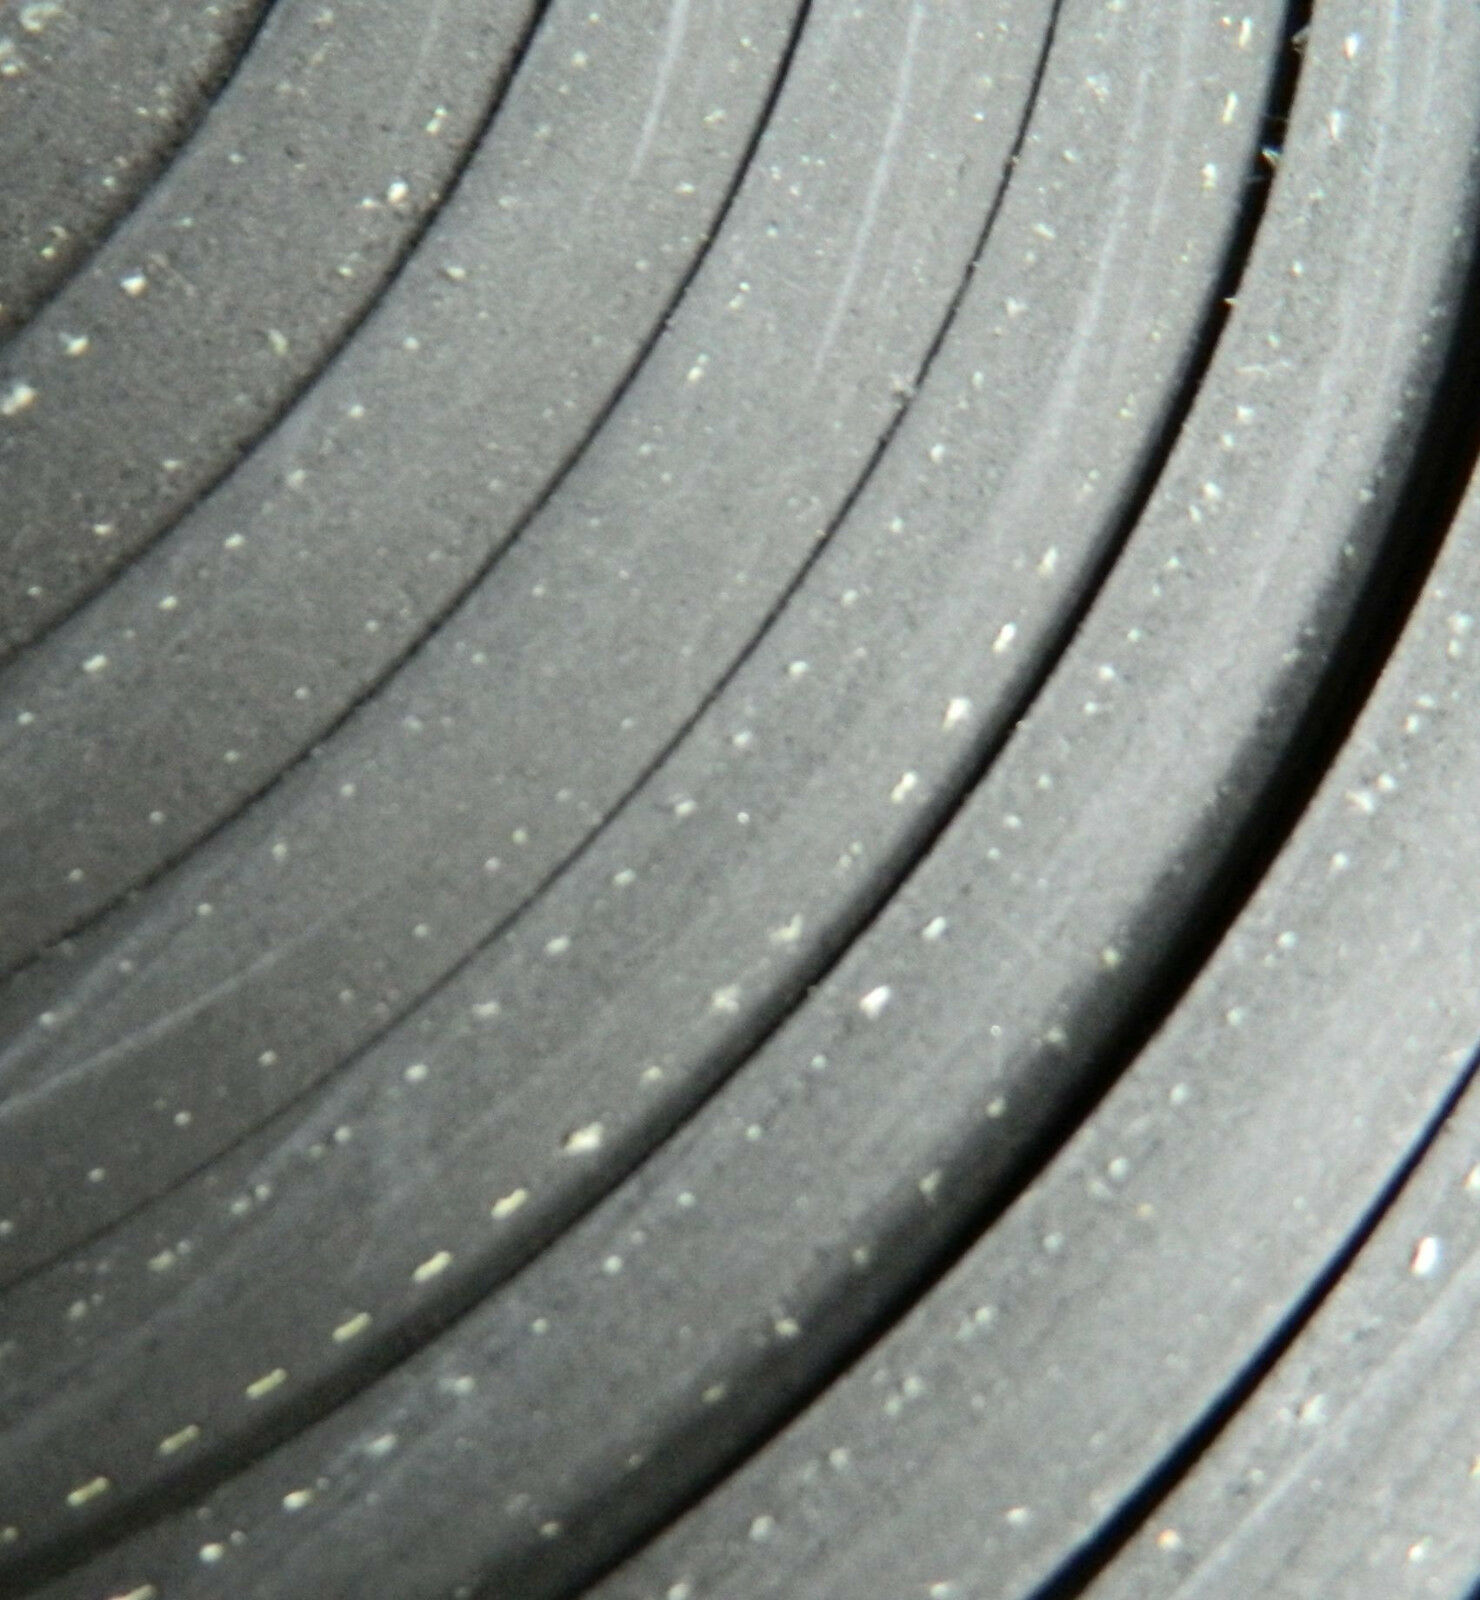 Schürfleiste Schneeschild 10mm dick Gummilippe Gummileiste für Schneepflug